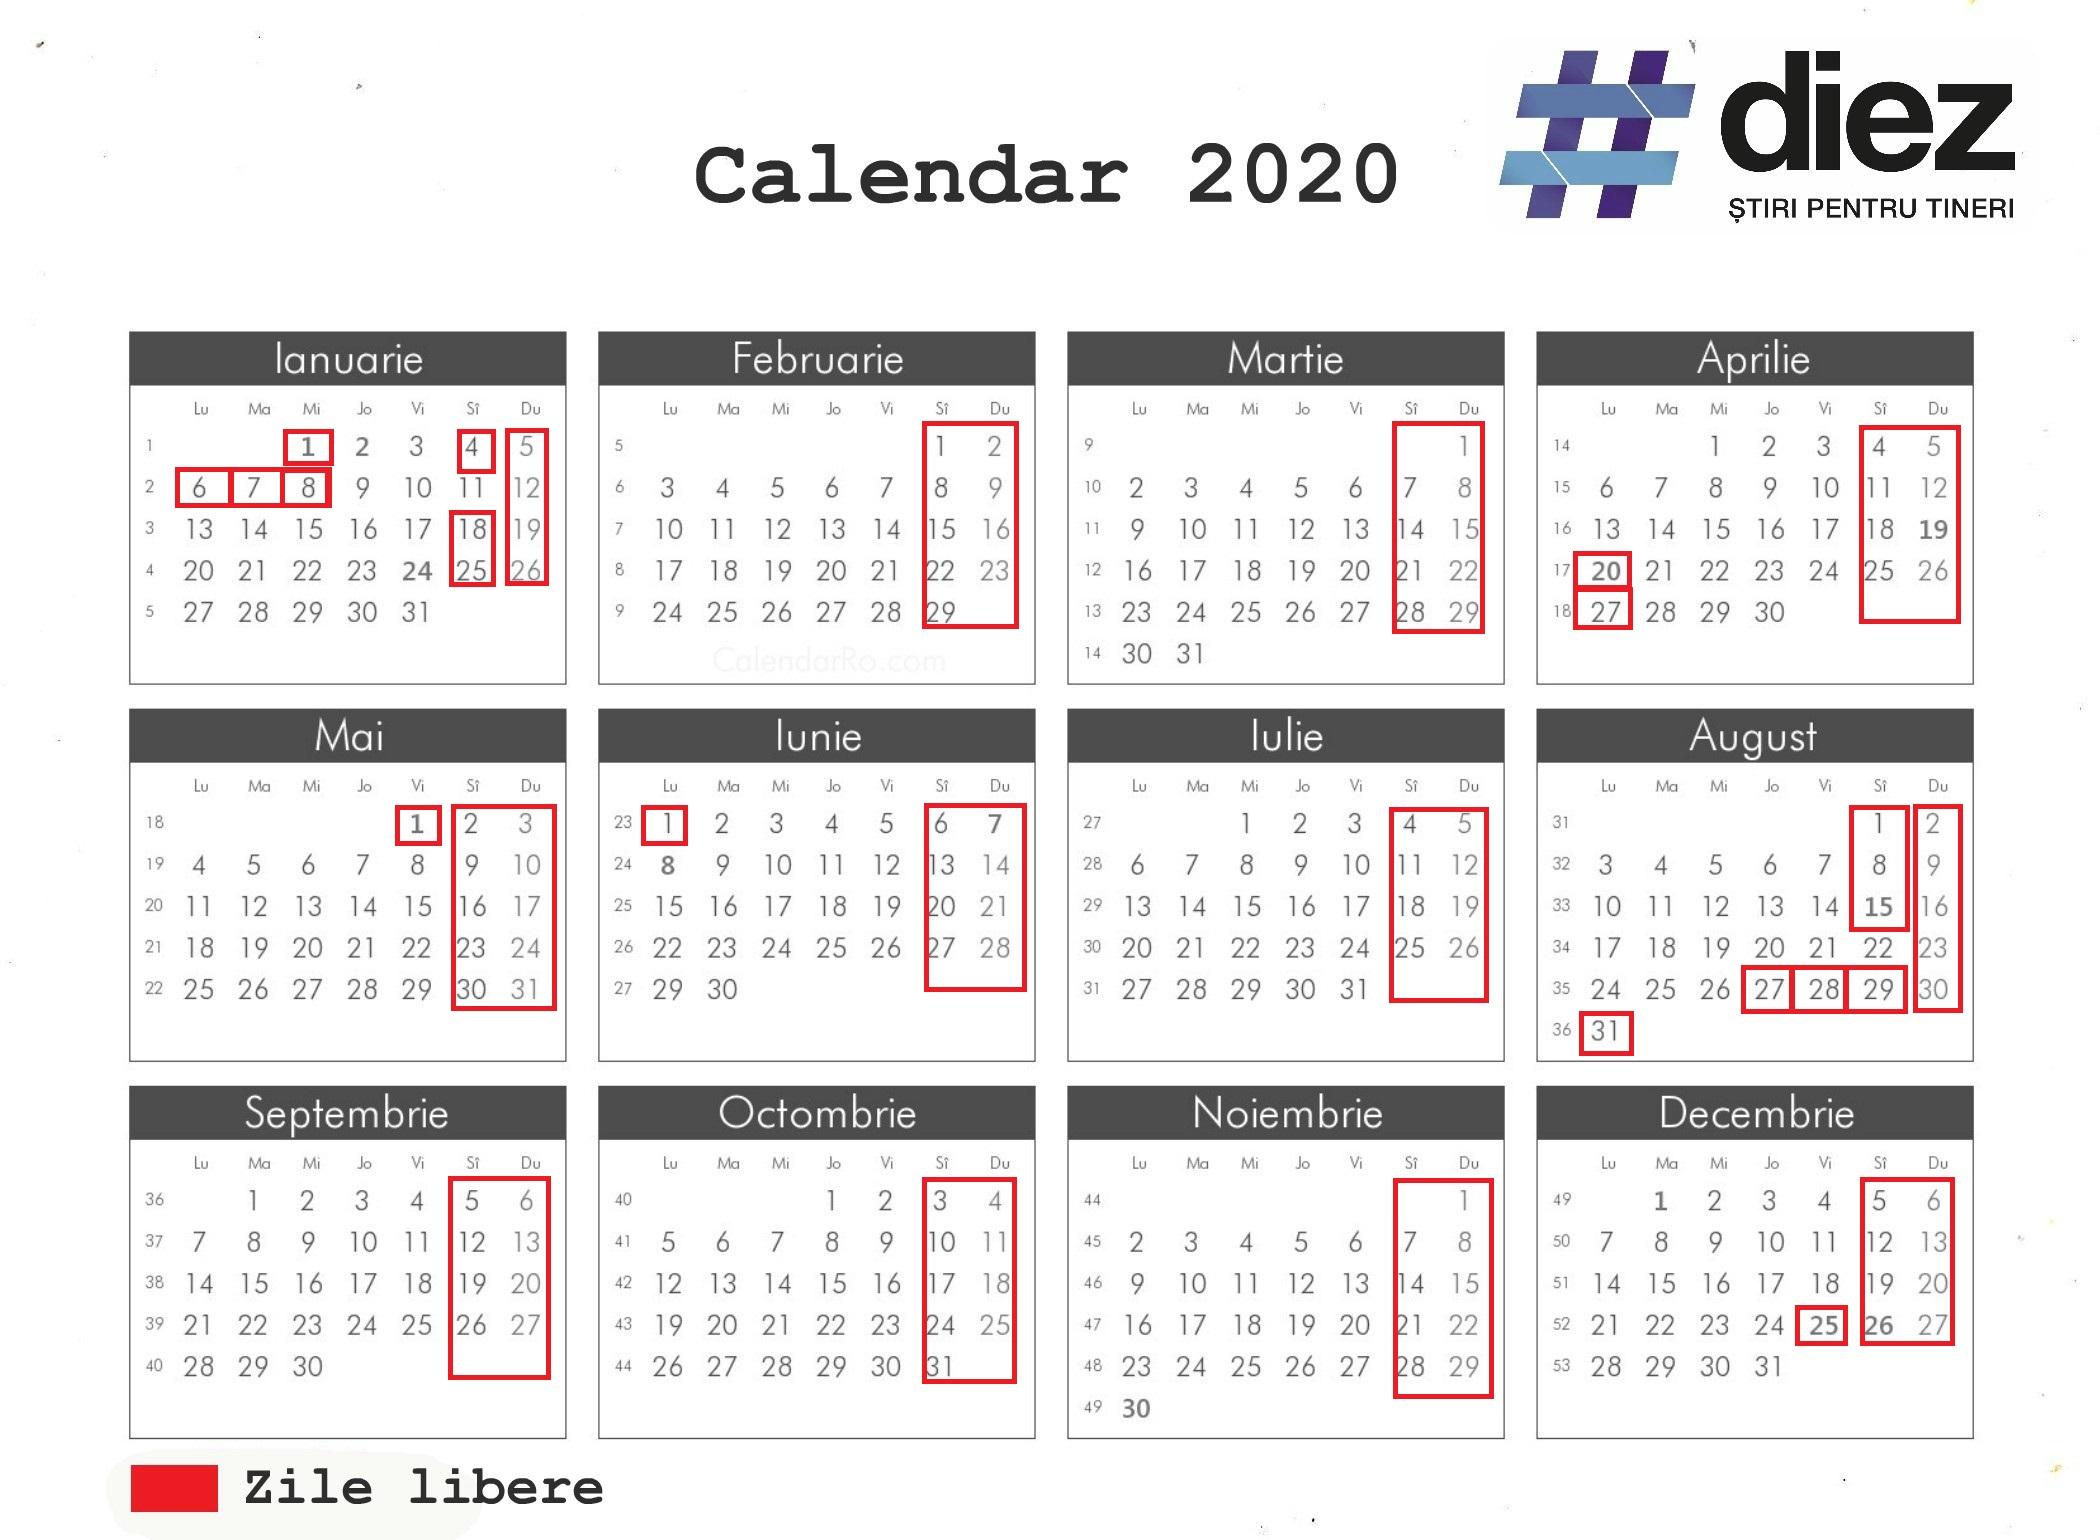 Aprobat De Guvern! Care Vor Fi Zilele De Odihnă În Anul 2020 inside Calendar 2020 Zile Libere